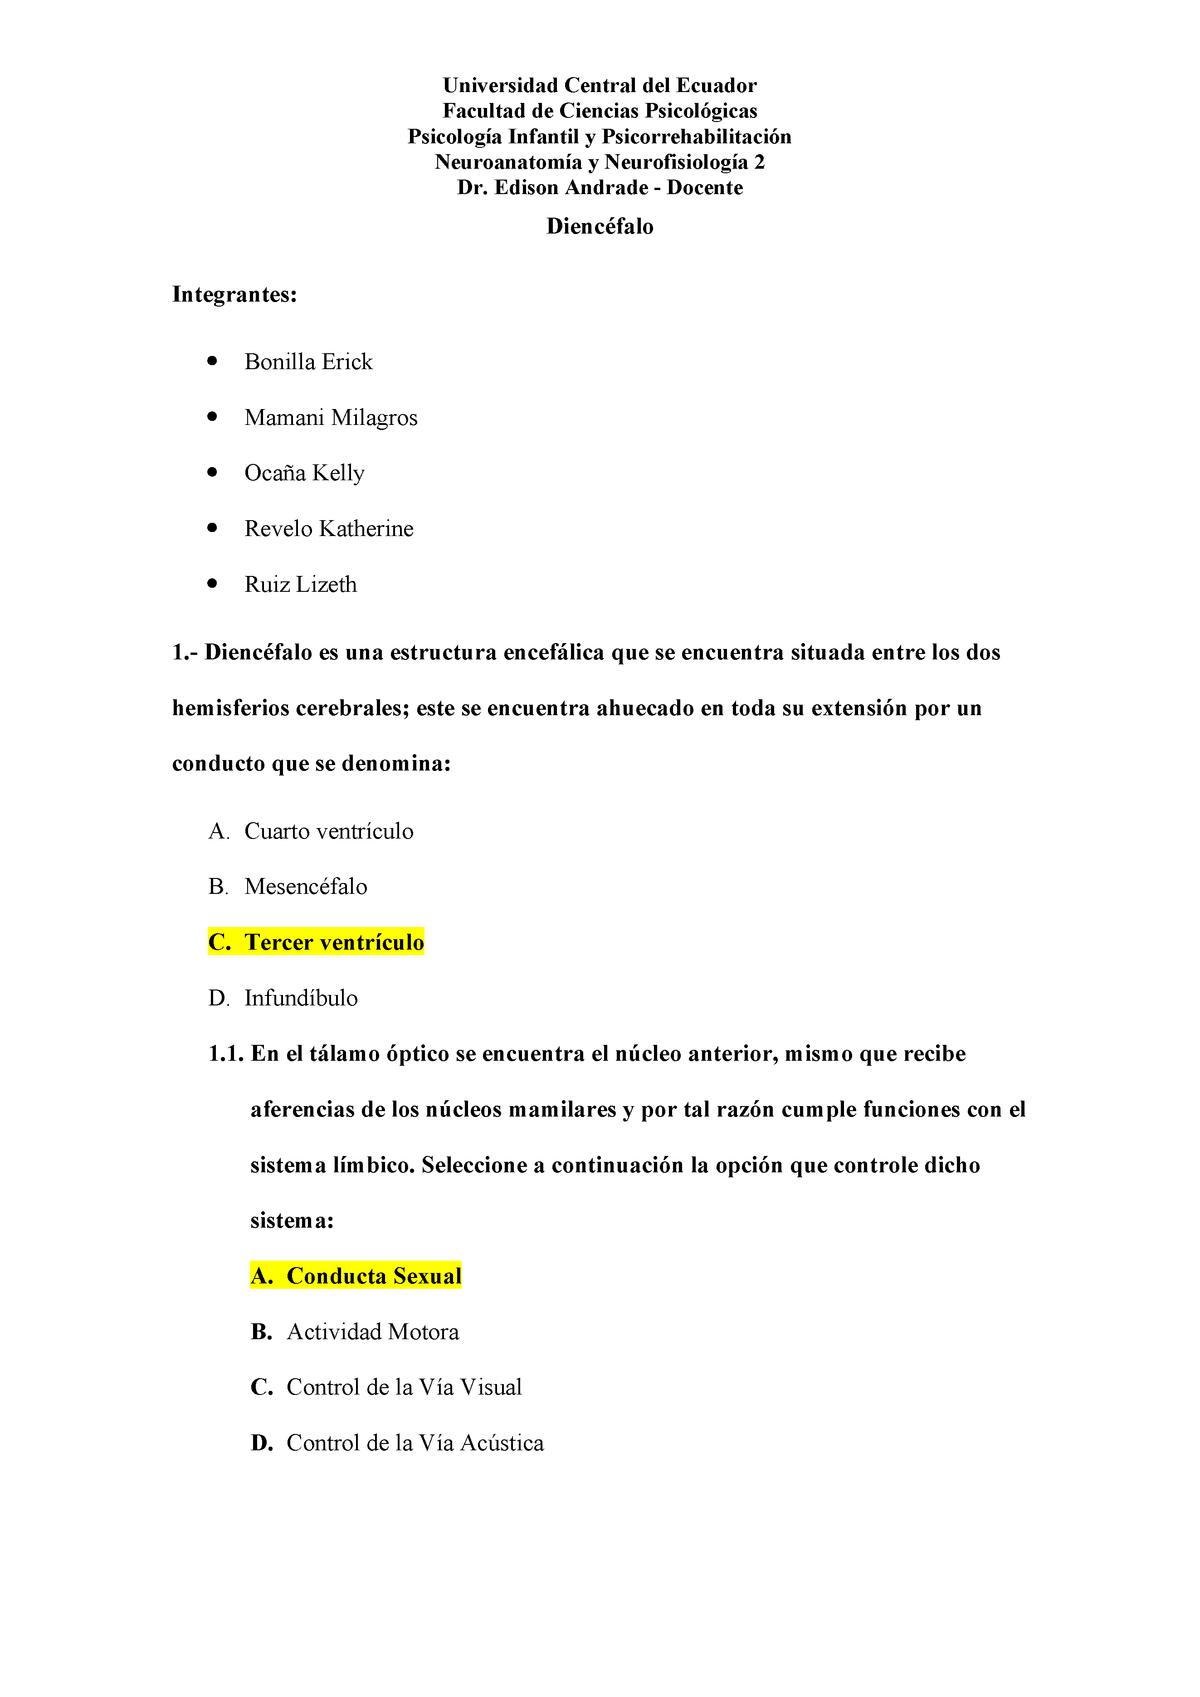 26a6e8ea1a51 Examen 2018 - 33103: NEUROANATOMÍA Y NEUROFISIOLOGÍA I - StuDocu